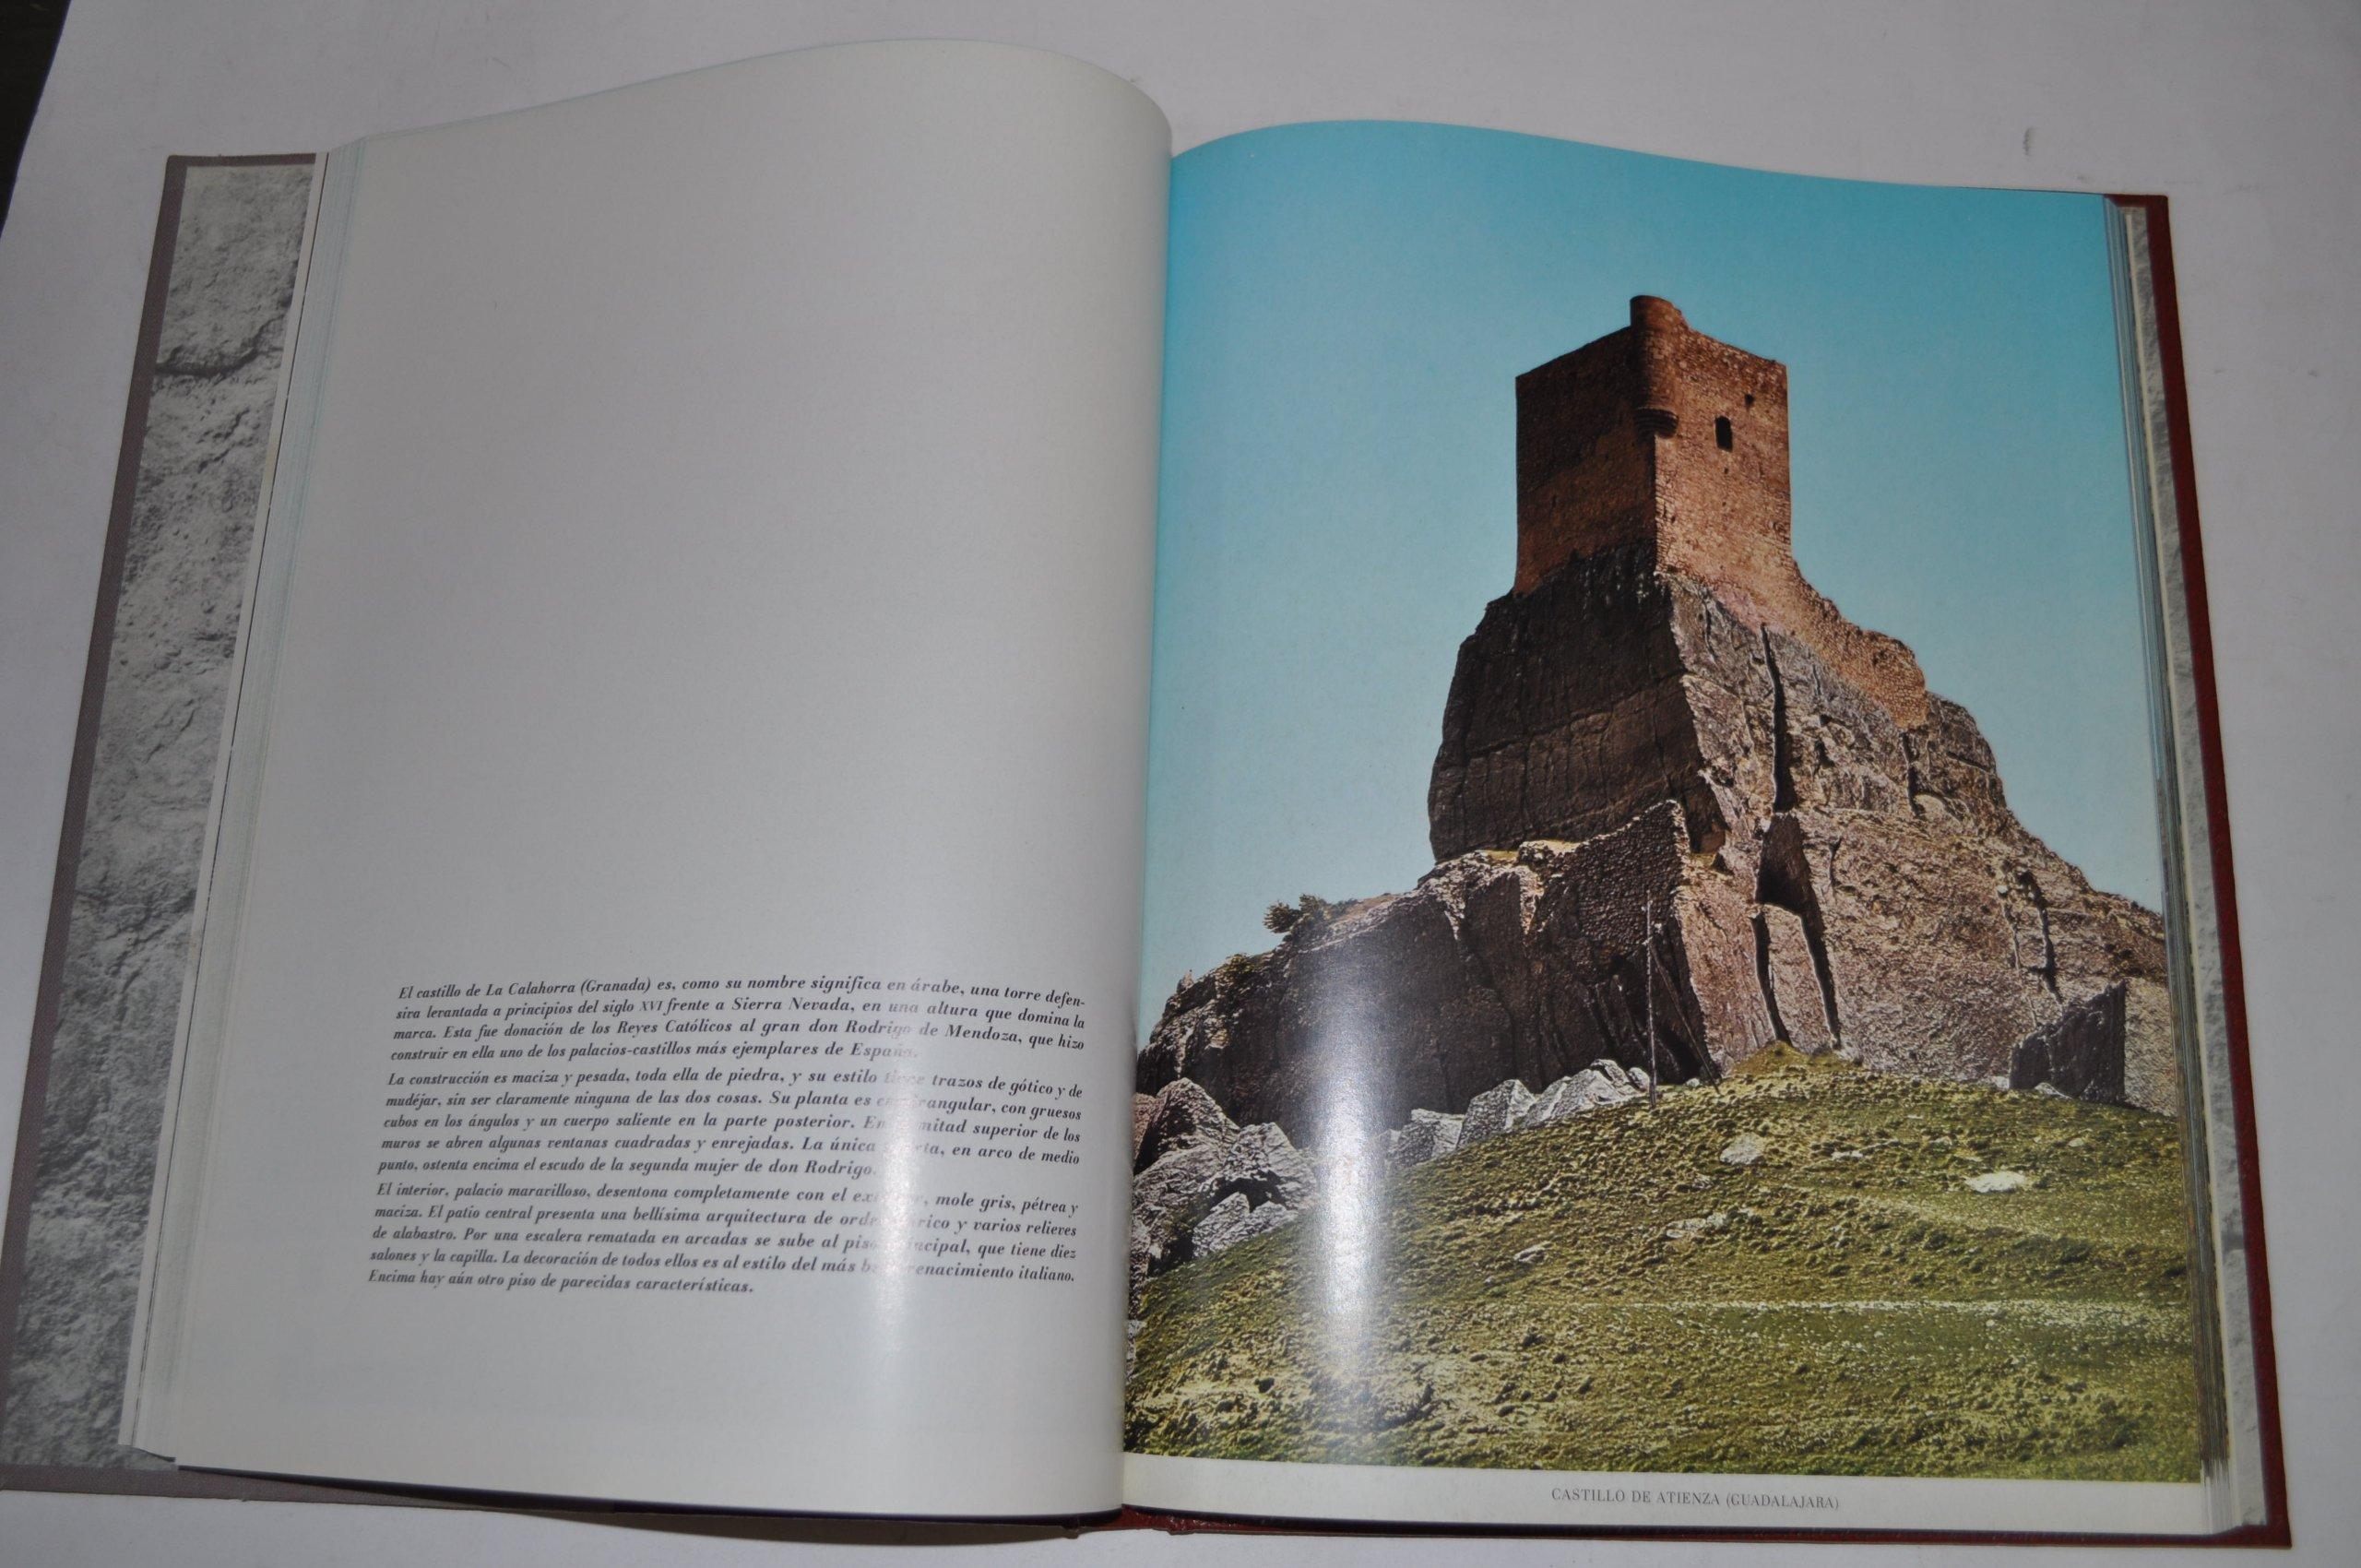 Castillos de España: Amazon.es: VV. AA.: Libros